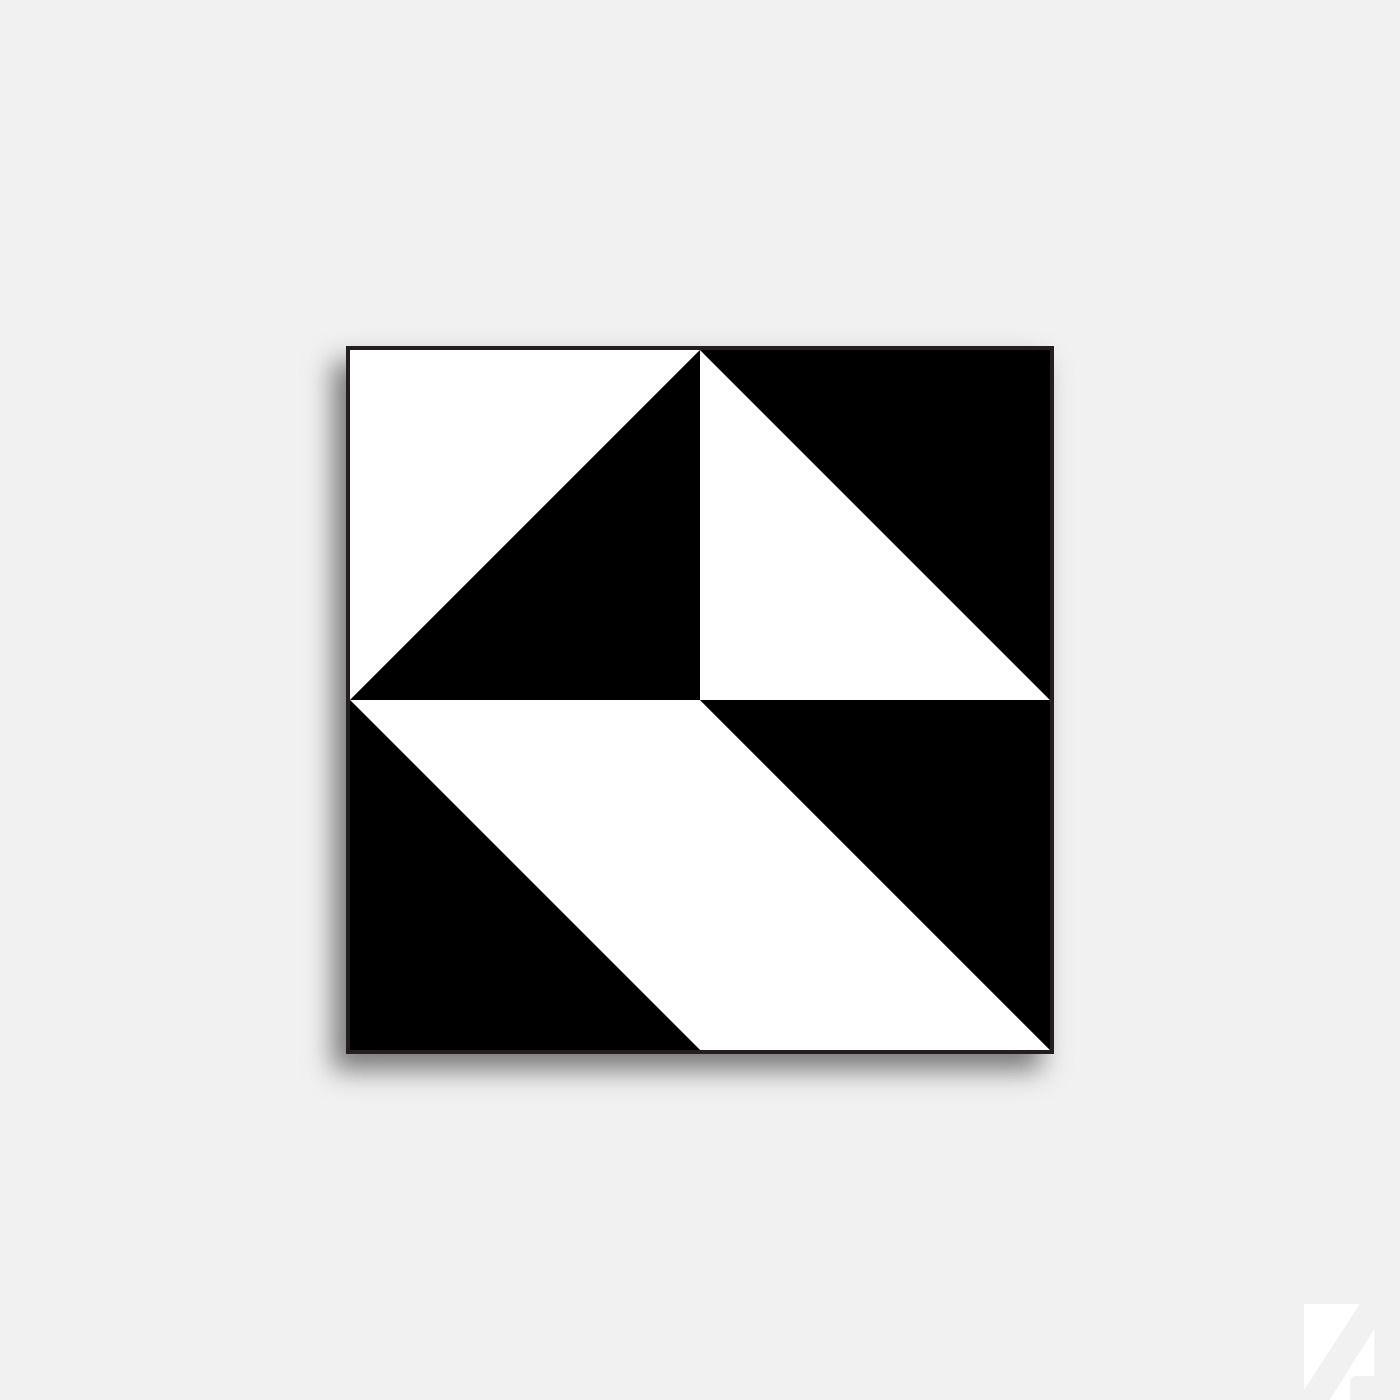 26940ddb524919c7d2f21eaf63f73b62 Meilleur De De Parasol Design Concept